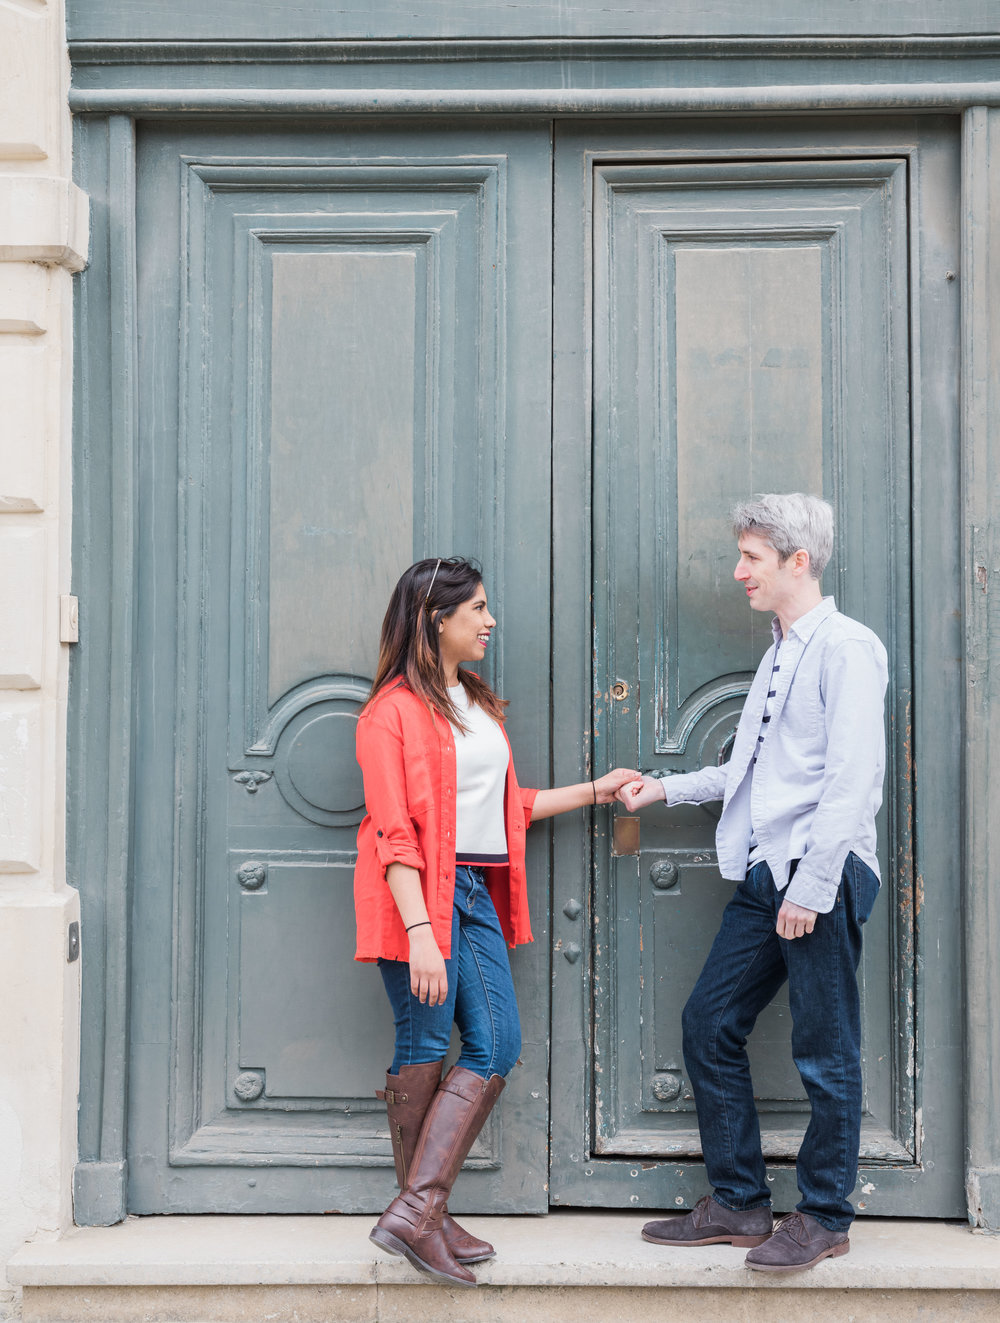 romantic couples engagement photo session in paris france